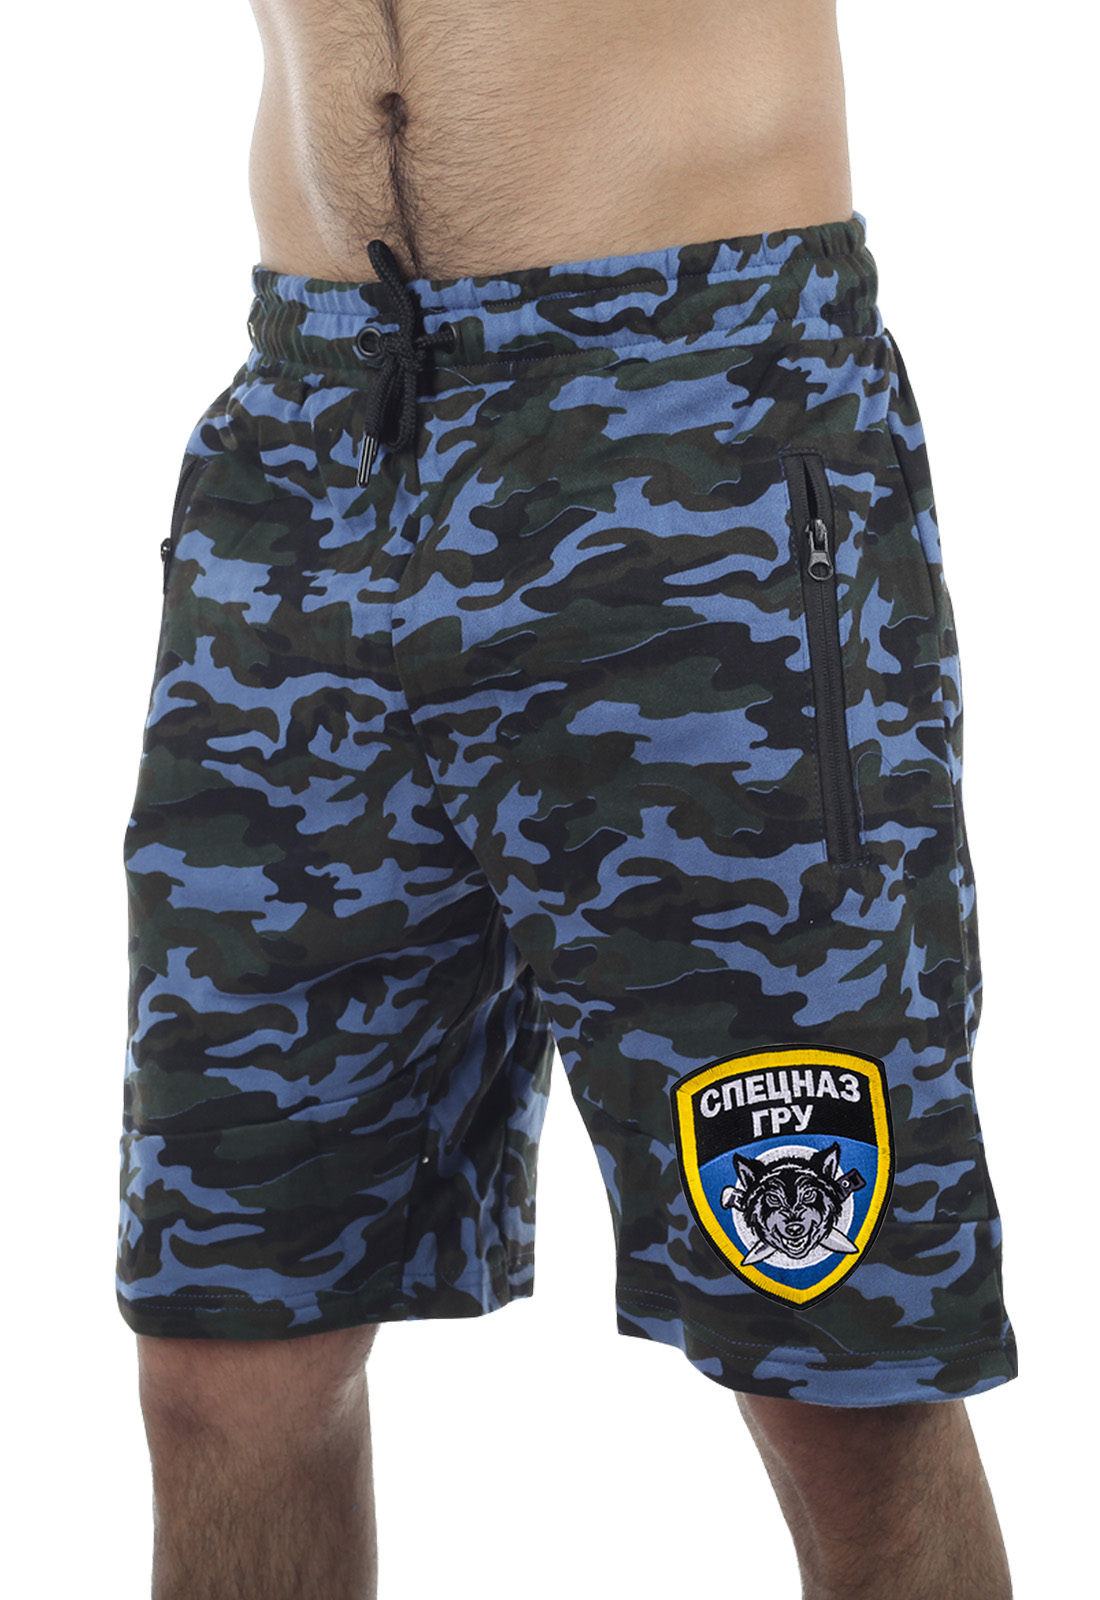 Купить в военторге Военпро военные шорты с эмблемой ГРУ